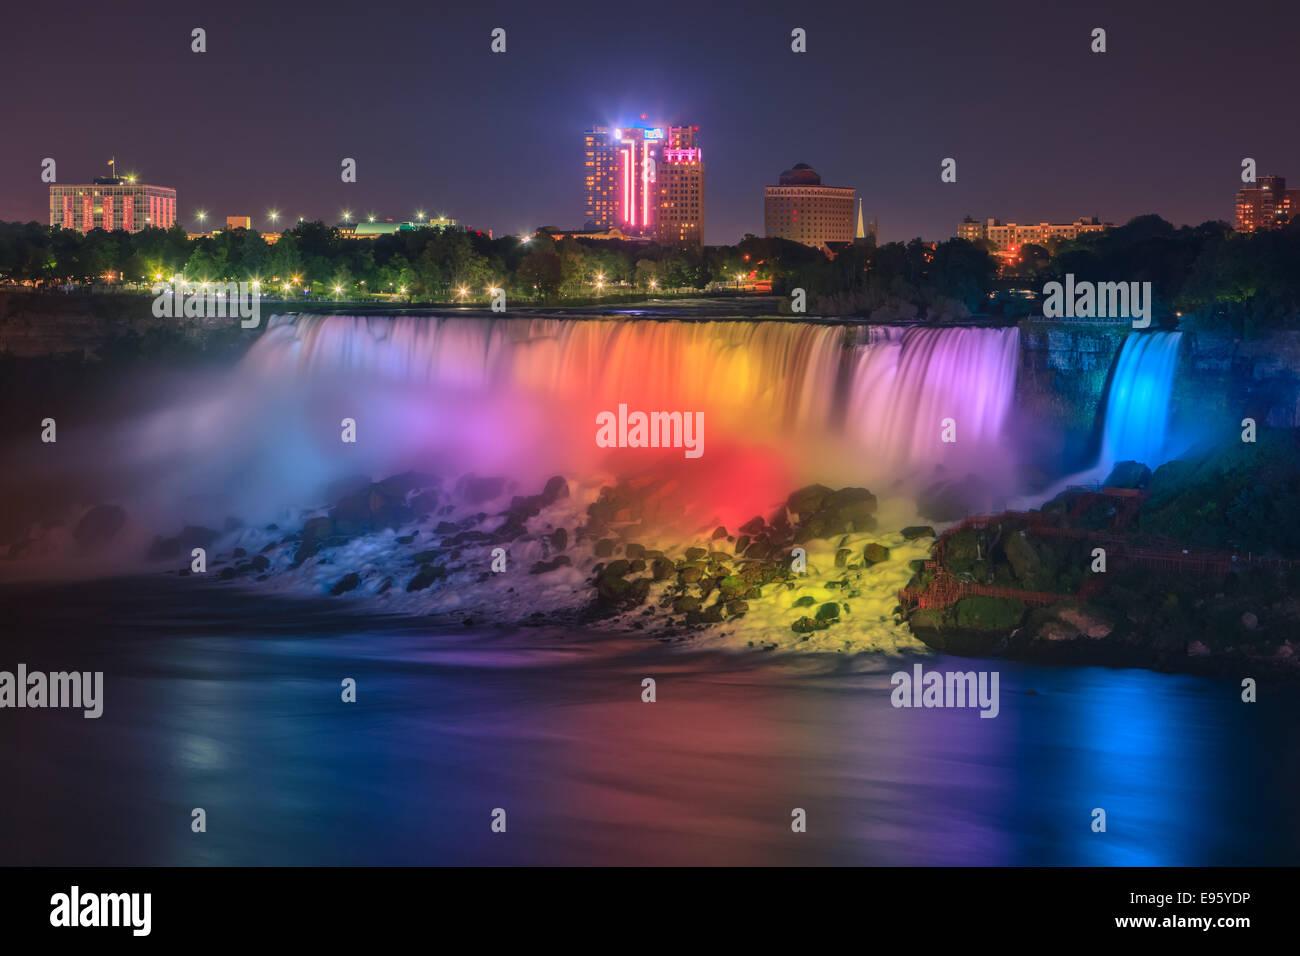 Espectáculo de luces en las Cataratas Americanas, parte de la ciudad de Niágara Falls, Ontario, Canadá. Foto de stock